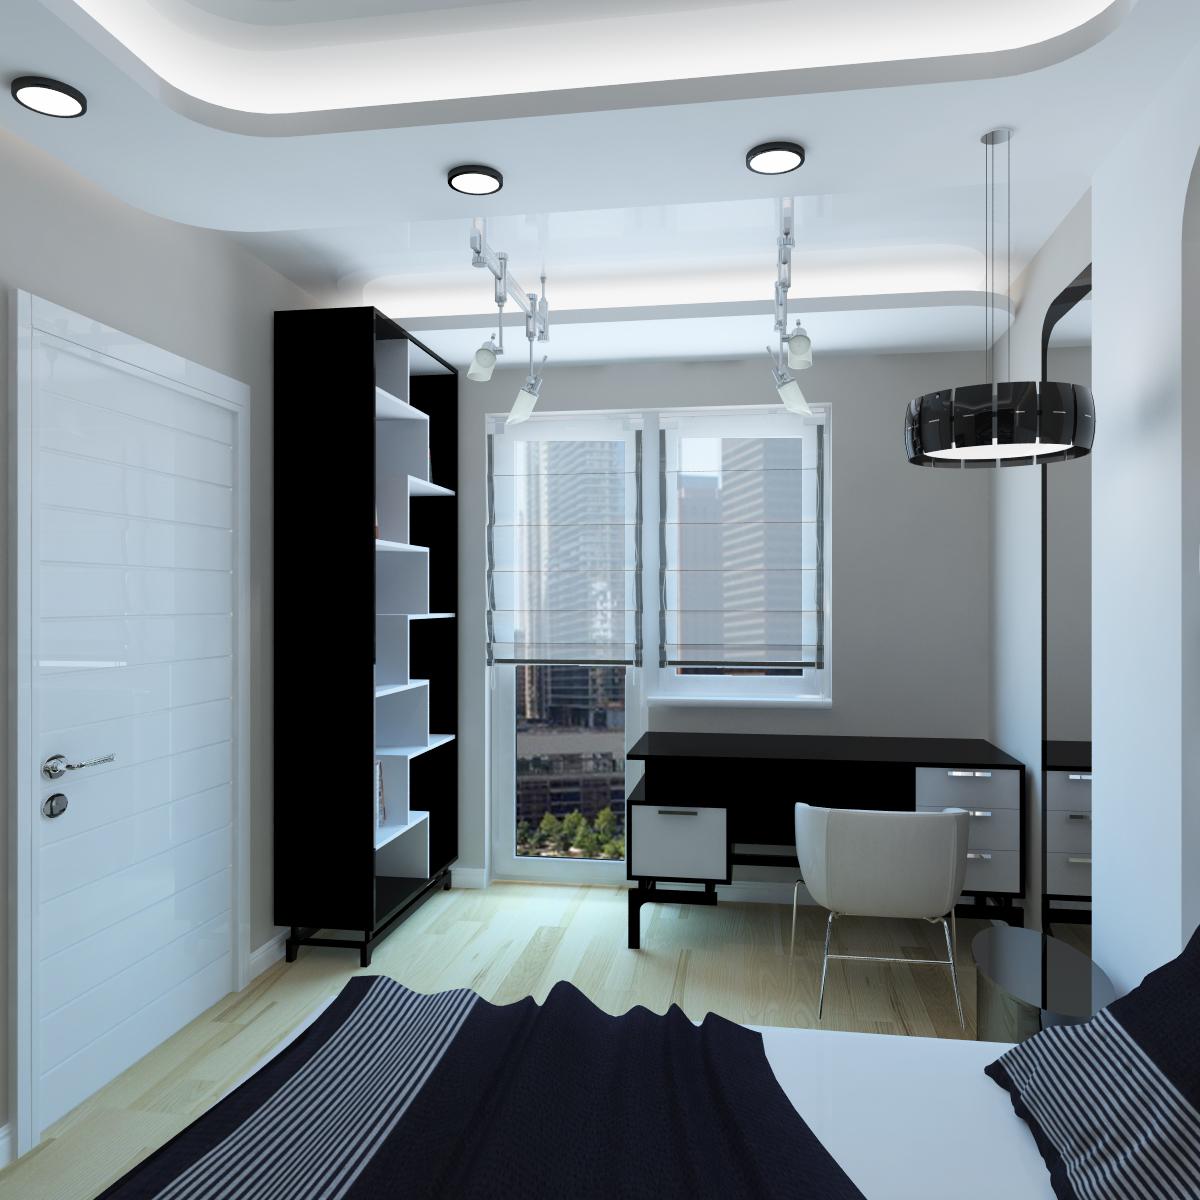 Хай тек дизайн квартиры фото